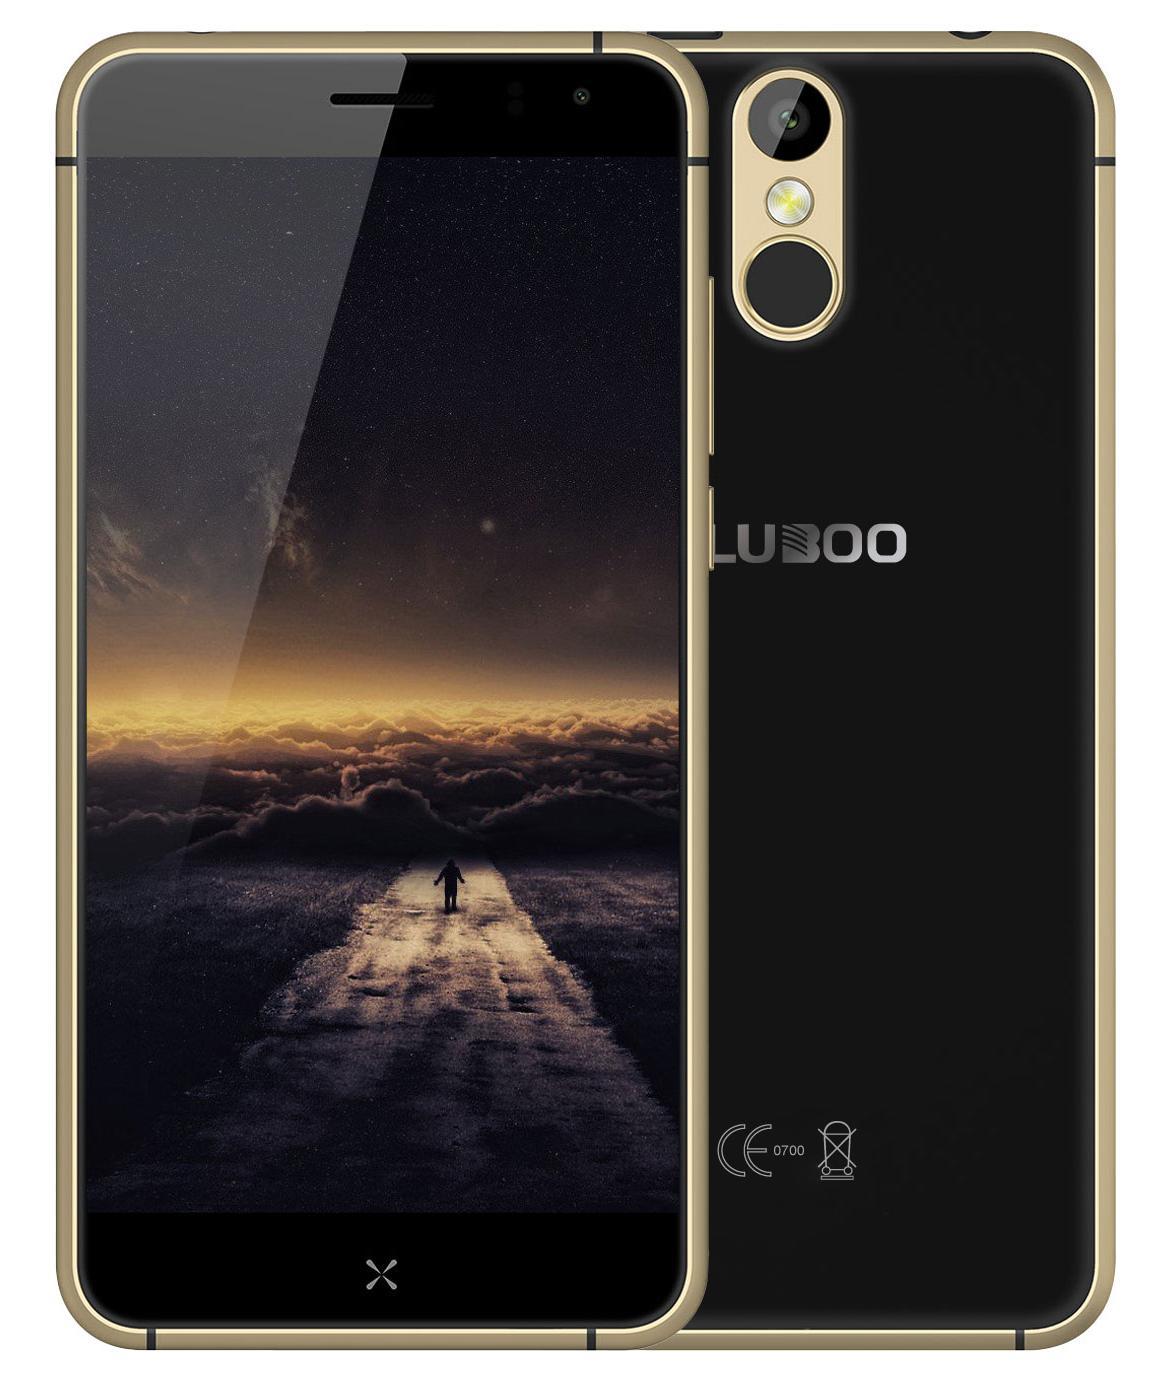 c2535f8f4 Výpredaj smartfónov značky Bluboo. V ponuke aj novinka, smartfón ...